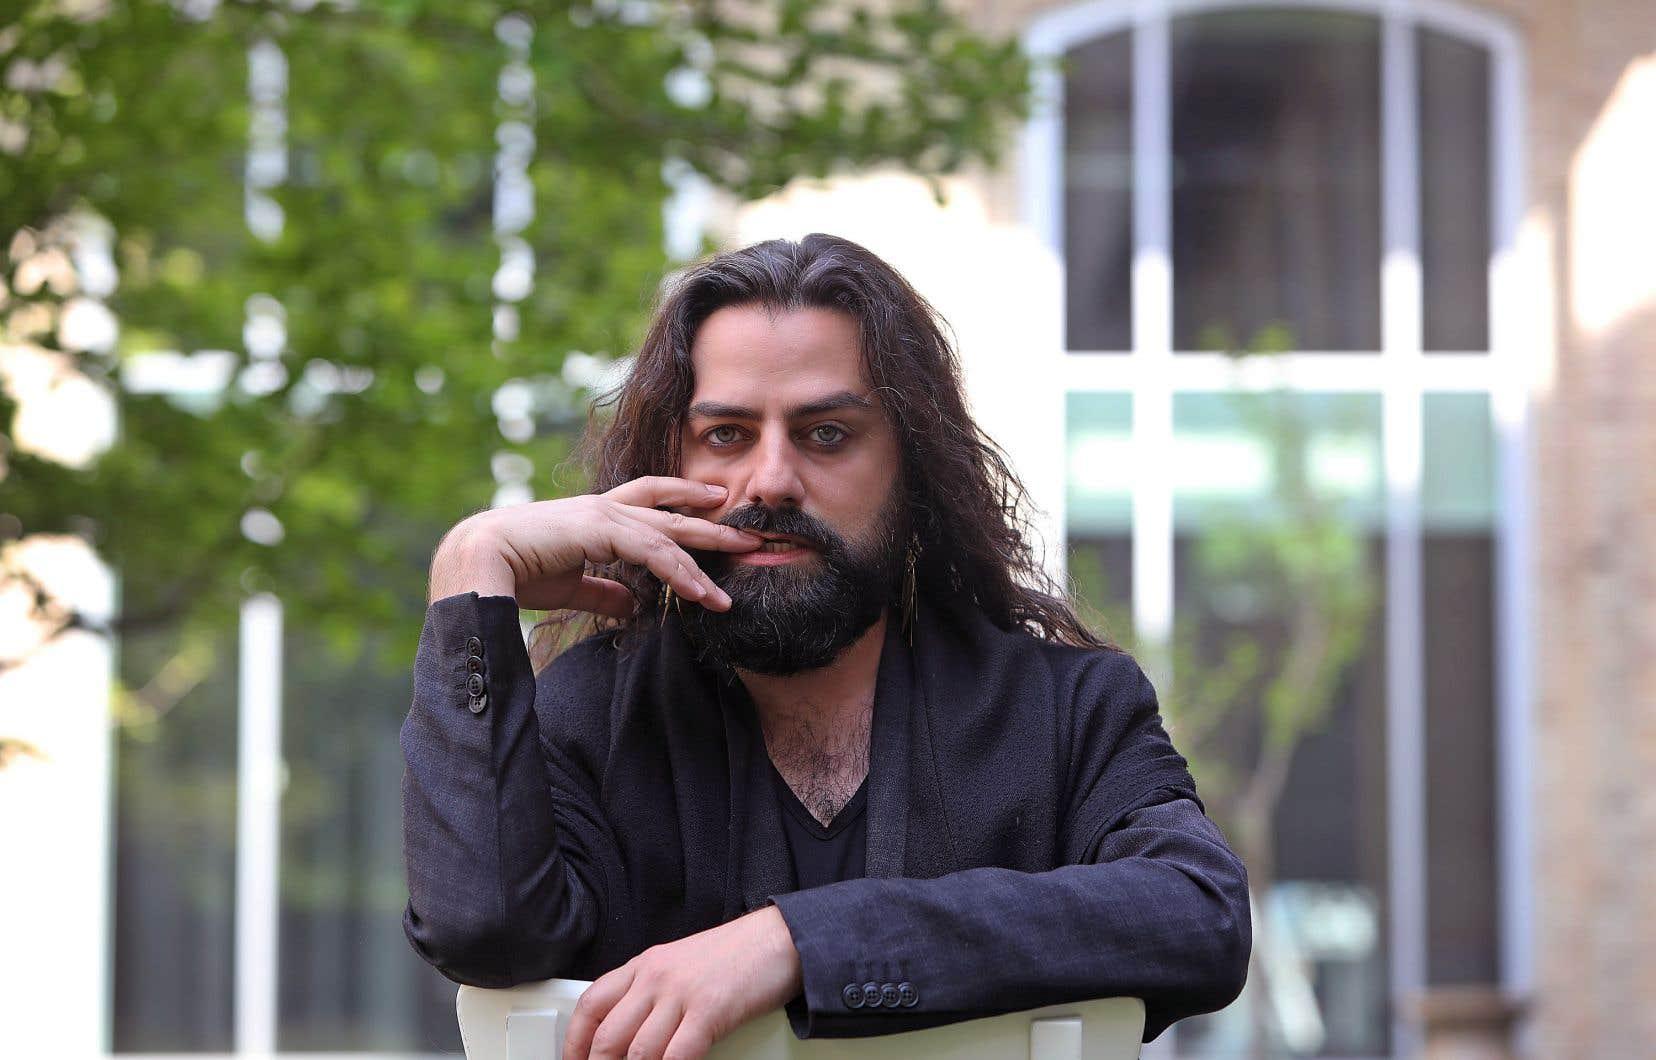 Le créateur Gurshad Shaheman s'intéresse à la question, «encore assez compliquée», de l'intégration. «Qu'est-ce que ça signifie de vivre aujourd'hui en France en étant homosexuel, artiste et en ayant une [origine] autre?»